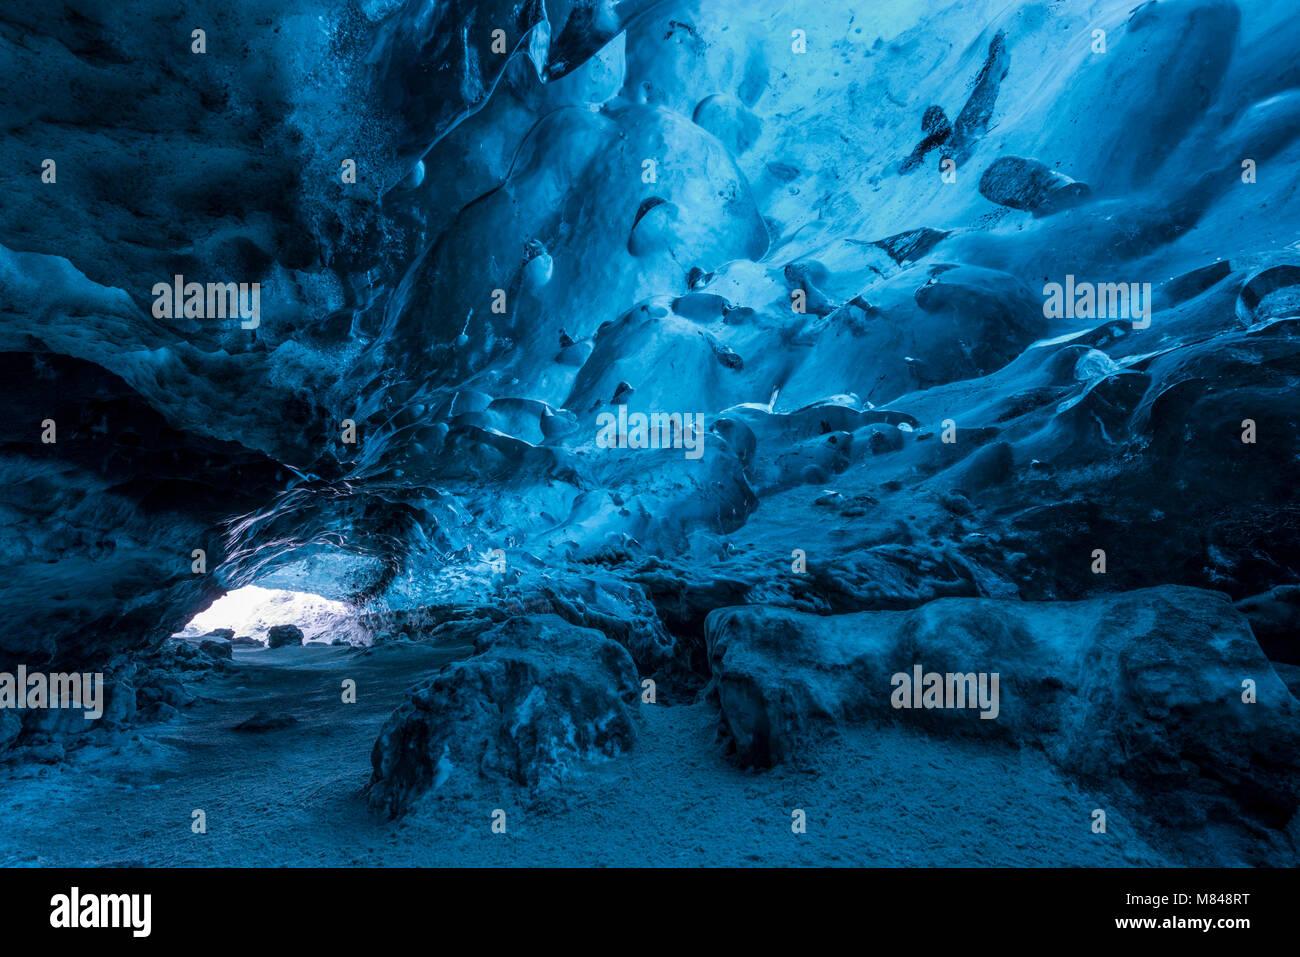 Grotte de glace sous un glacier, l'Islande, l'Europe. L'hiver (Janvier) 2017. Photo Stock